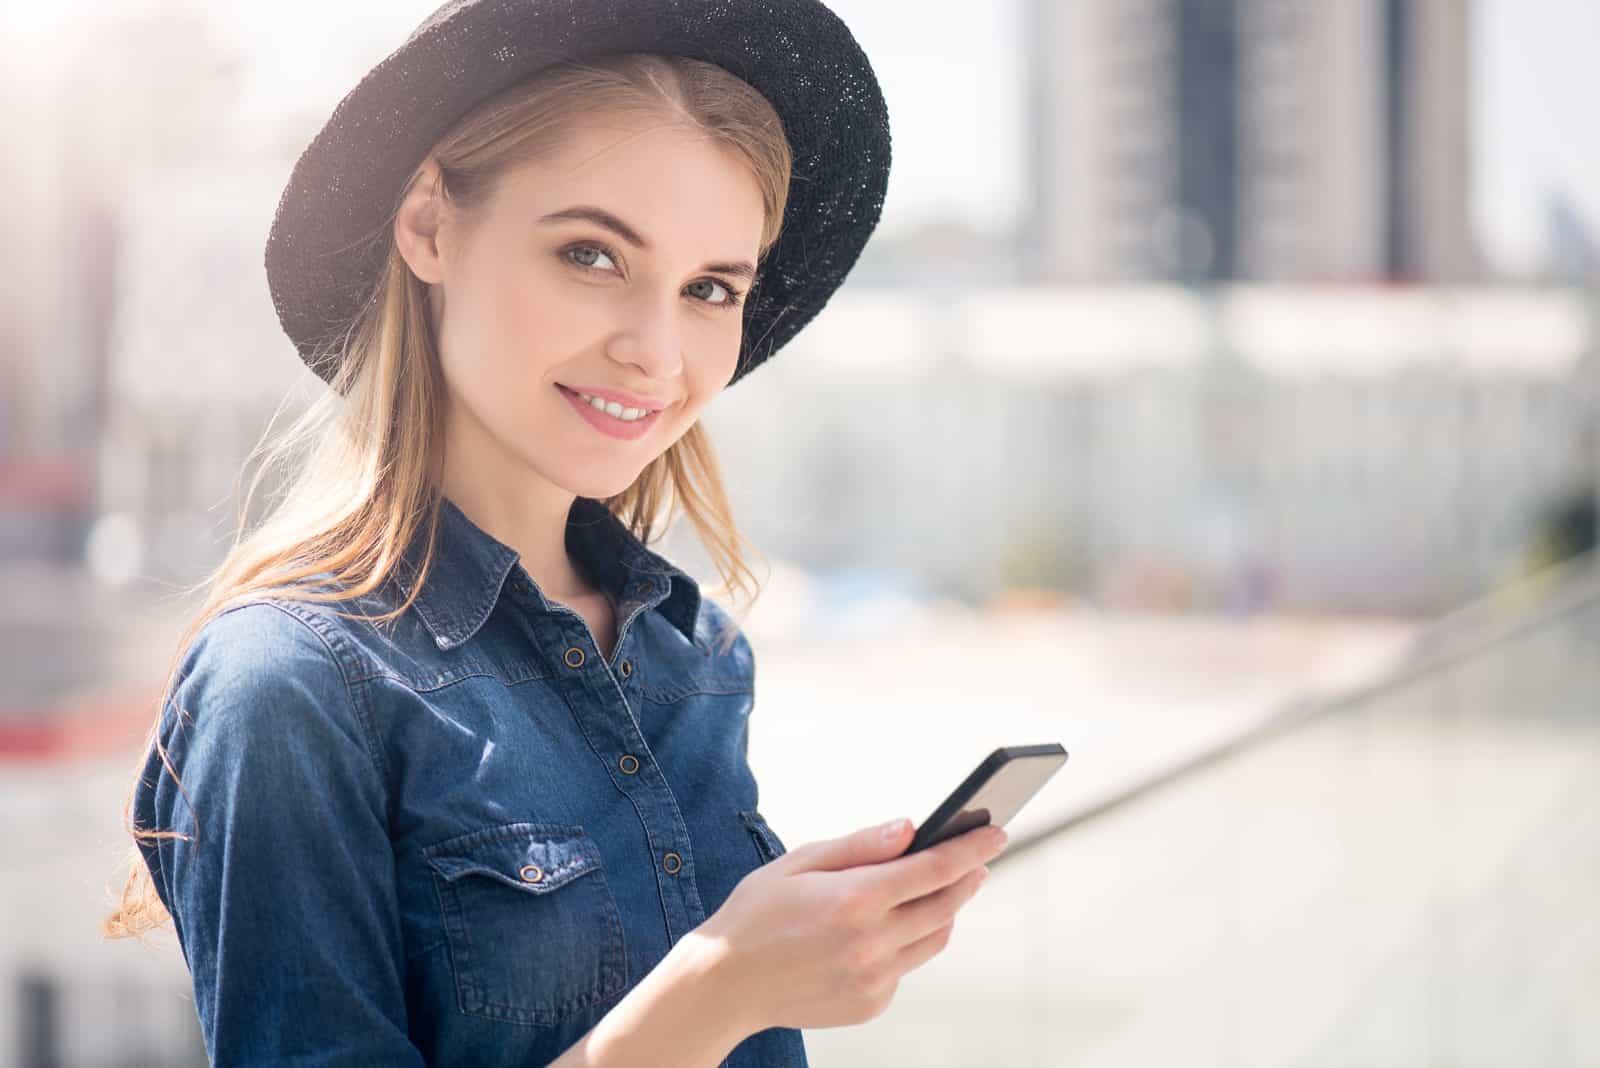 Moderne junge Frau mit Smartphone